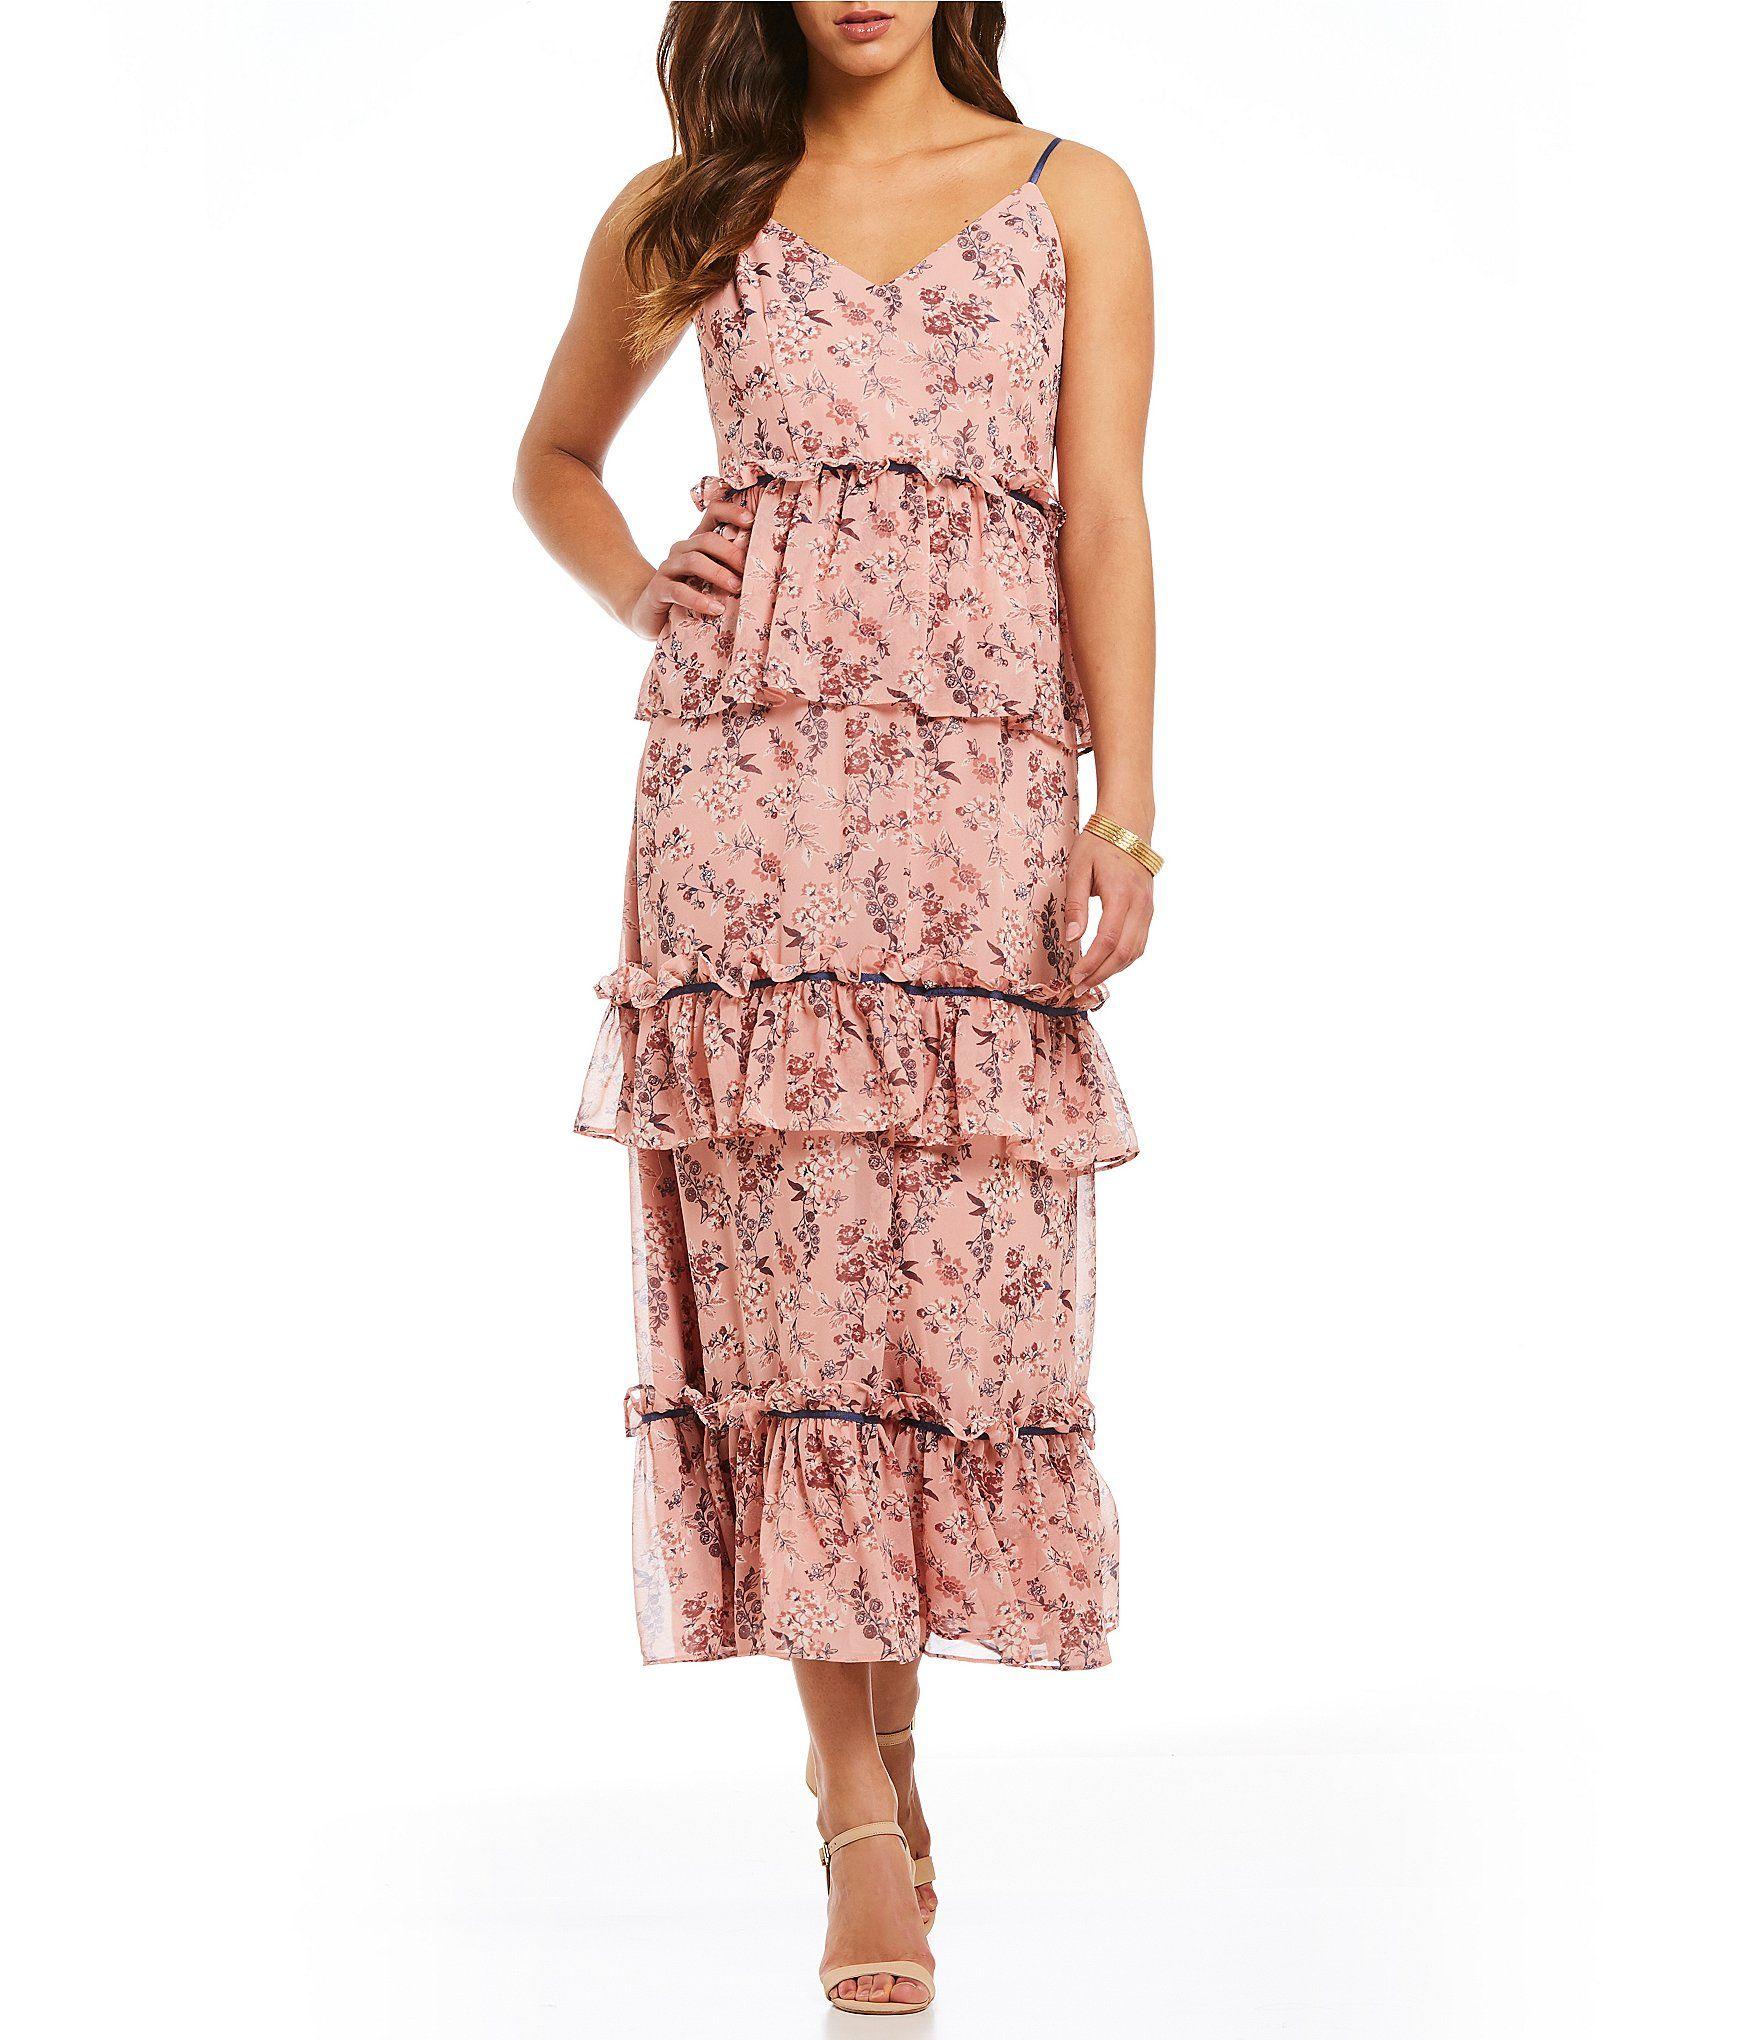 34ddf007fe2 Gianni Bini Steph Ditsy Floral Print Victorian Tiered Ruffle Midi Dress   Dillards